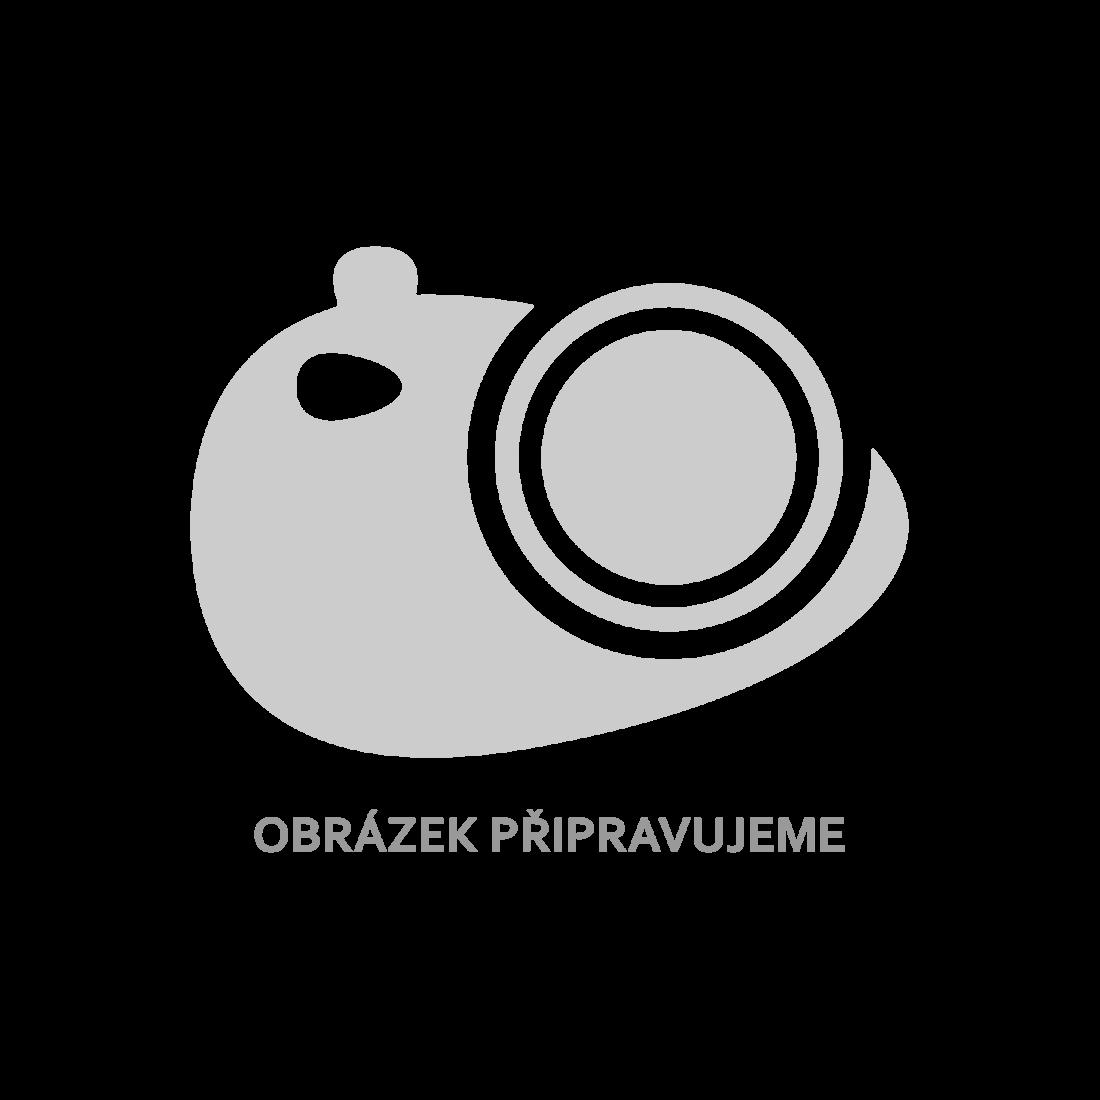 vidaXL Konferenční stolek 90 x 30 x 40 cm masivní mangovníkové dřevo [320258]